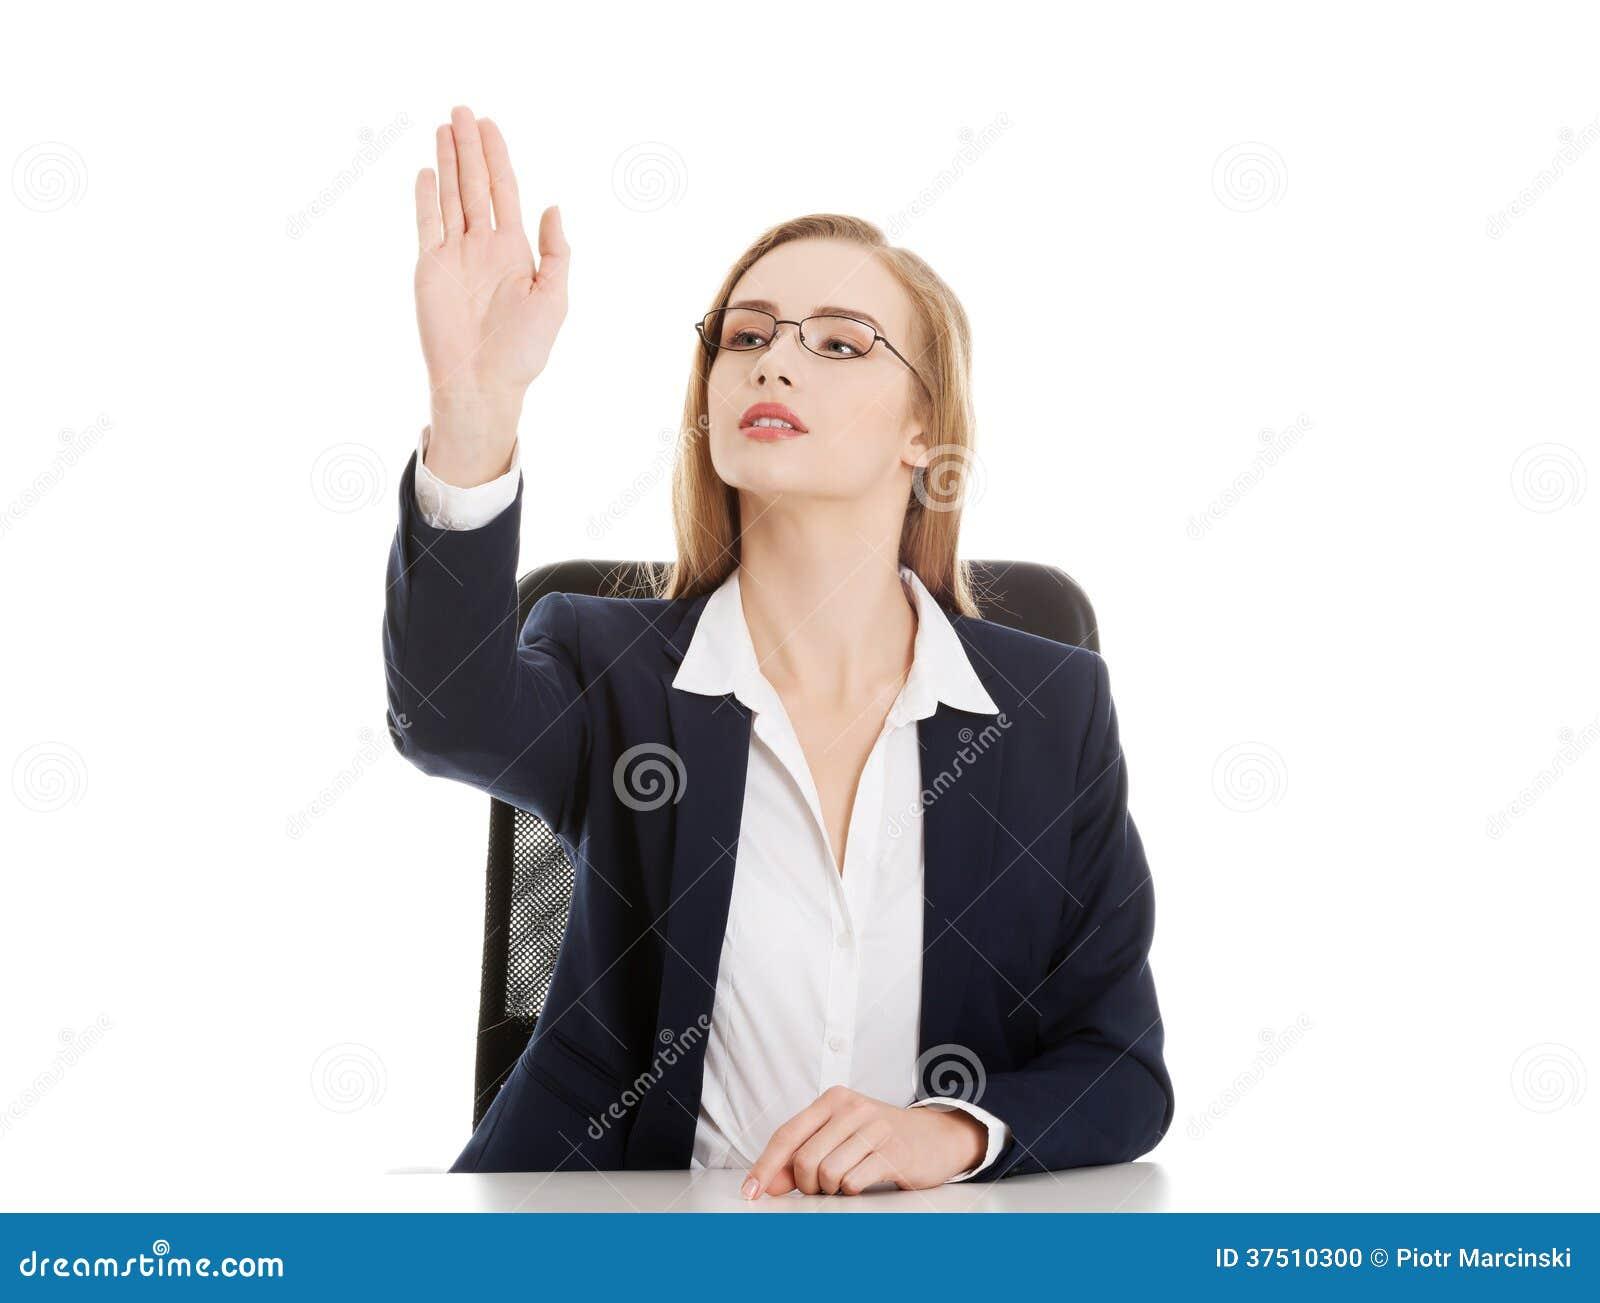 Η όμορφη επιχειρησιακή γυναίκα κάθεται και παρουσιάζει χειρονομία στάσεων.